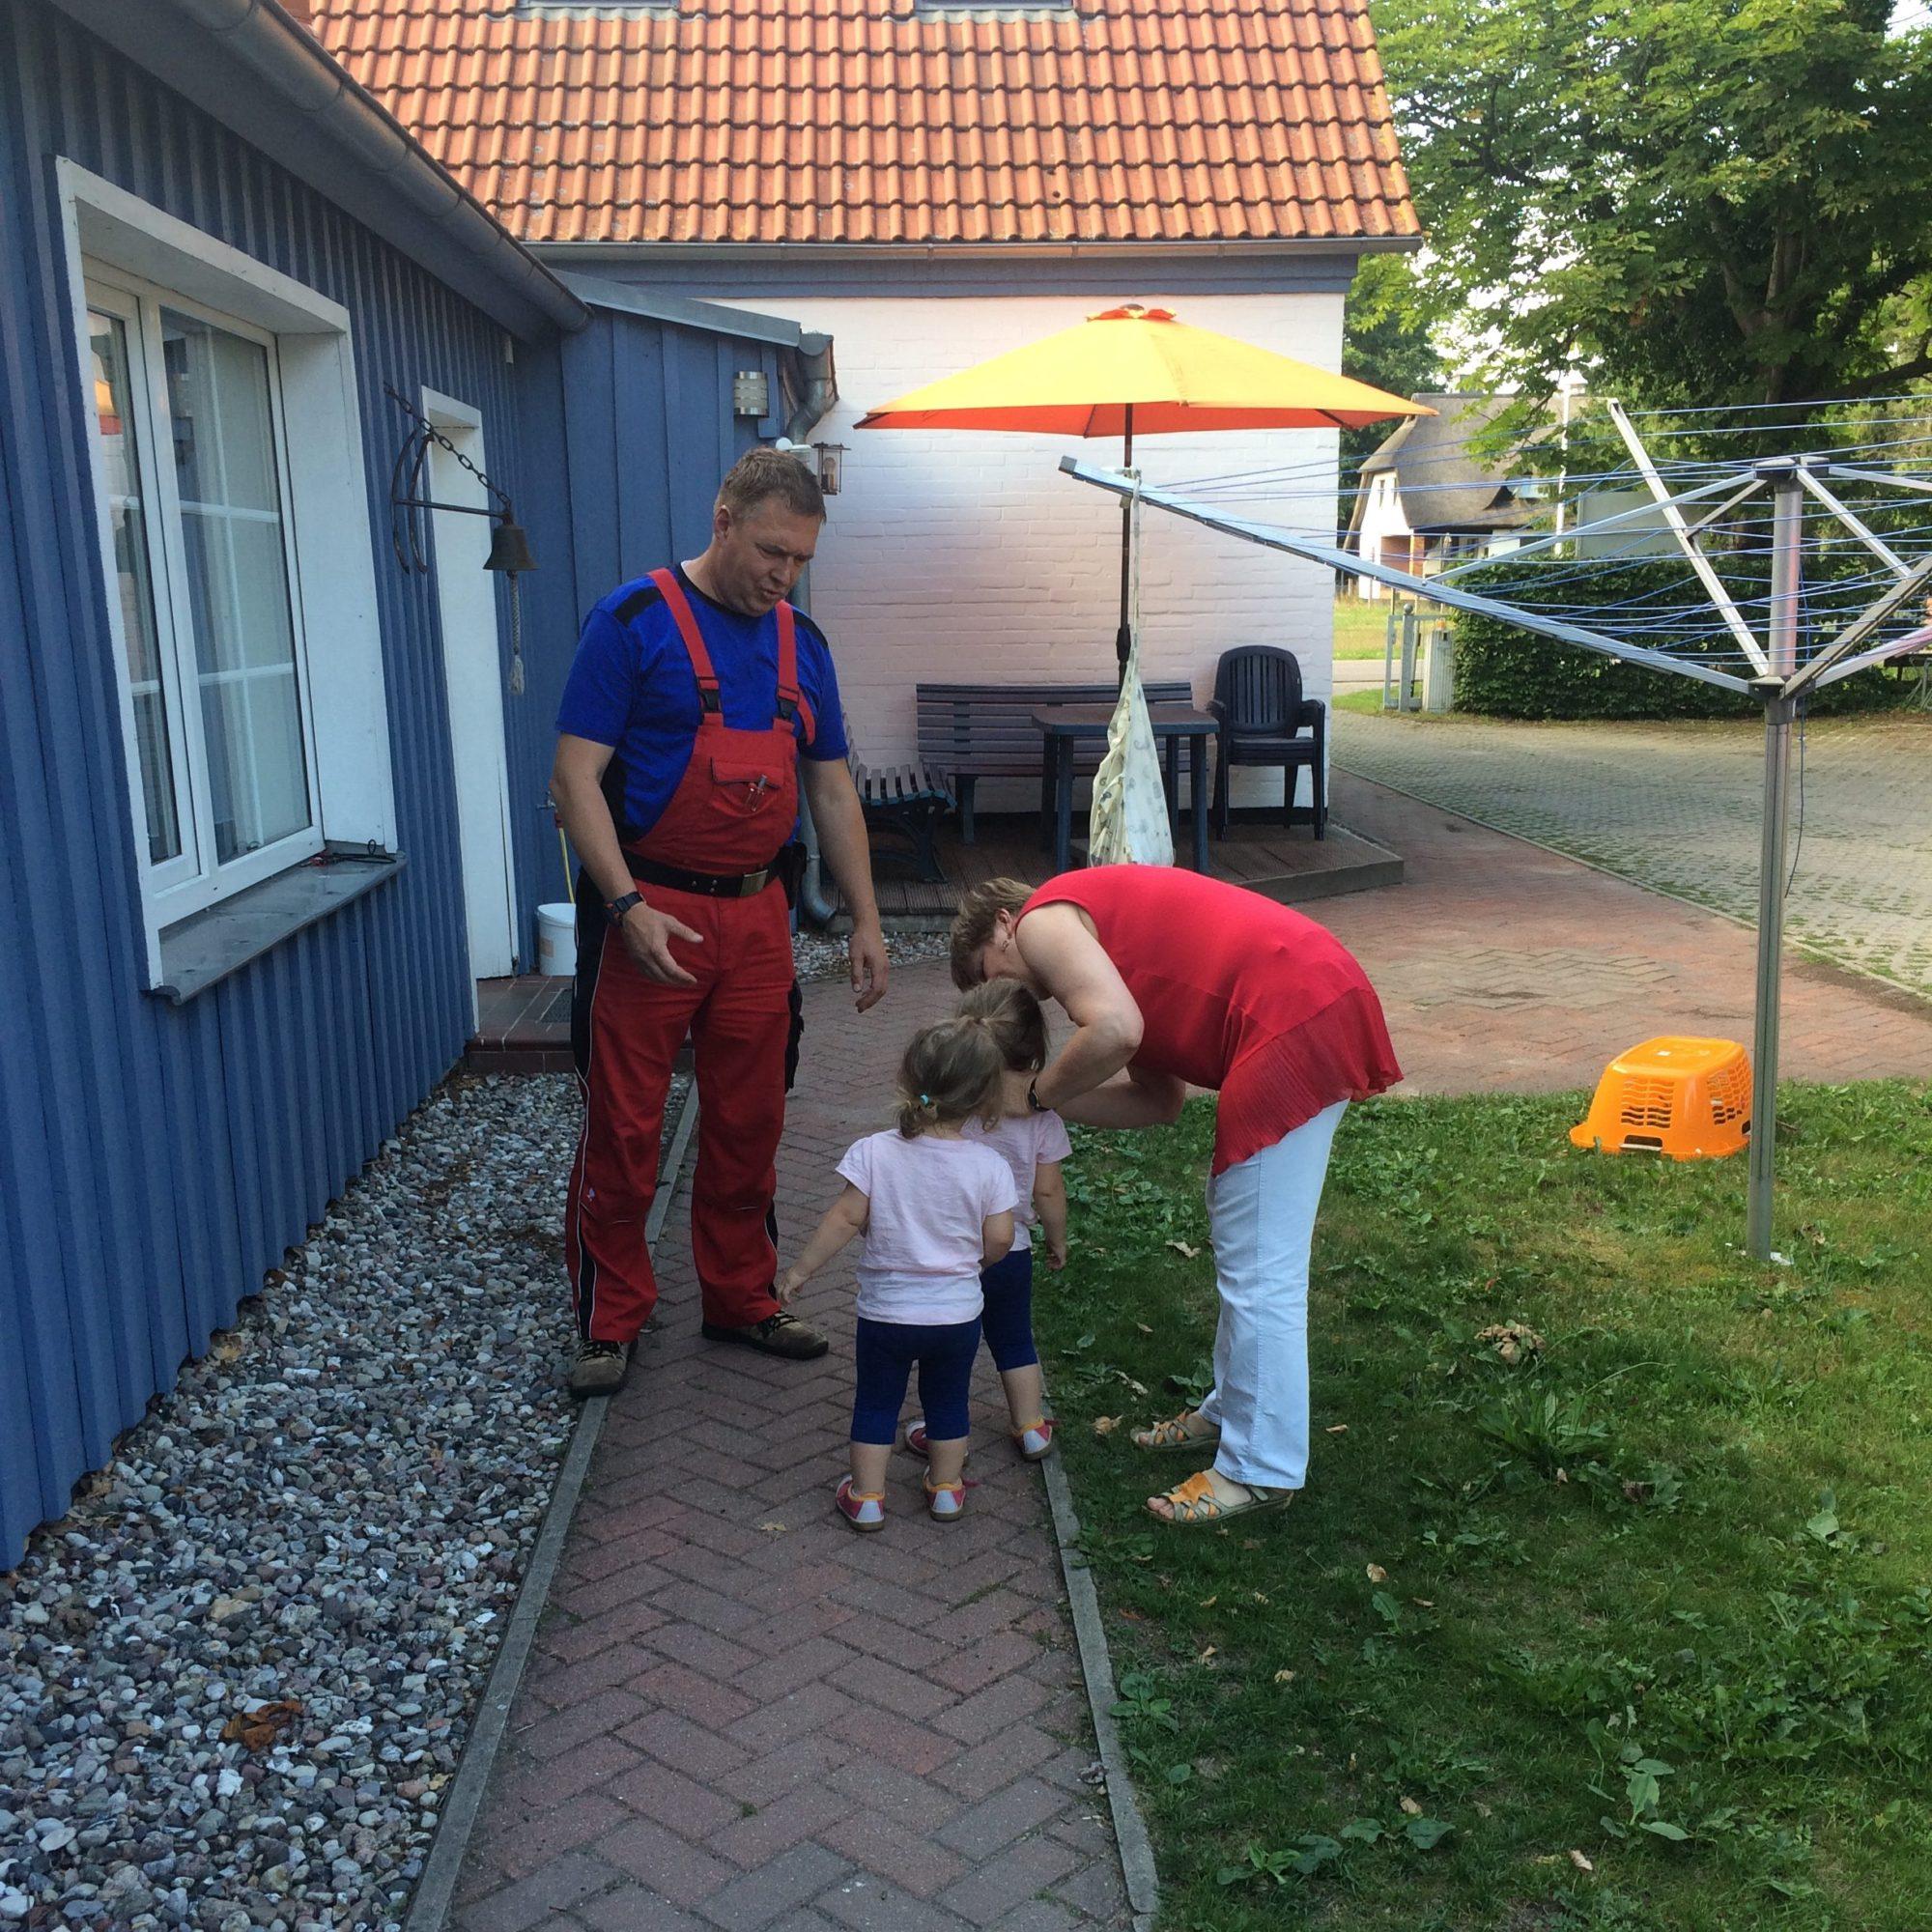 Onkel Thomas und Tante Anke